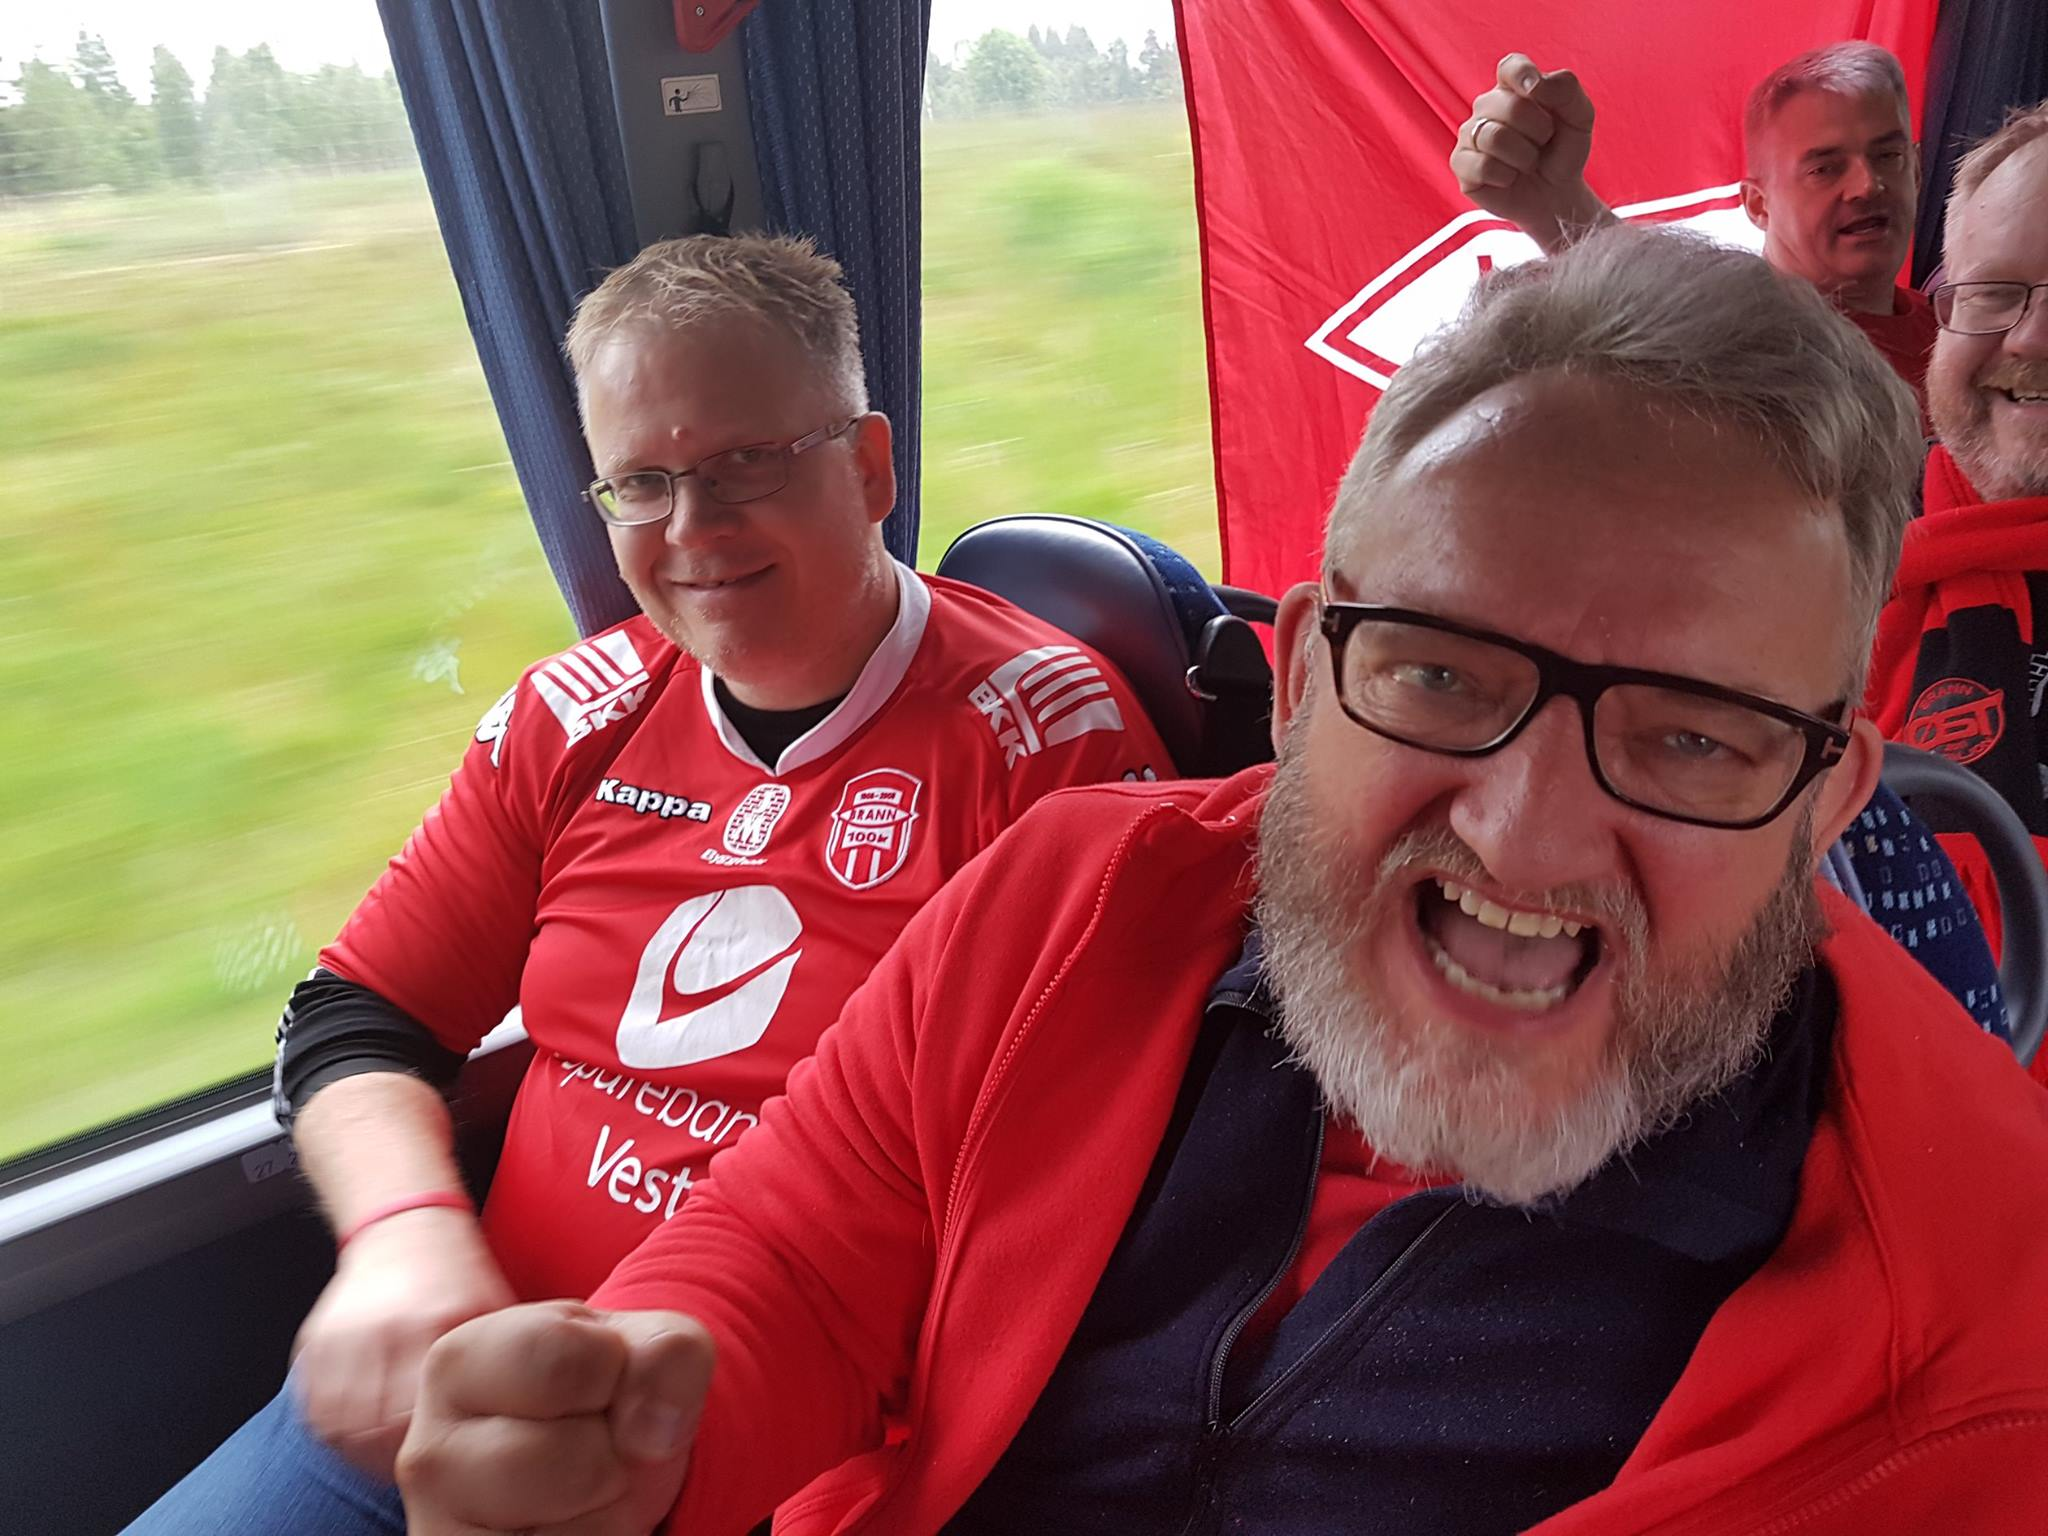 Lars er klar, Geir er litt mere skeptisk...